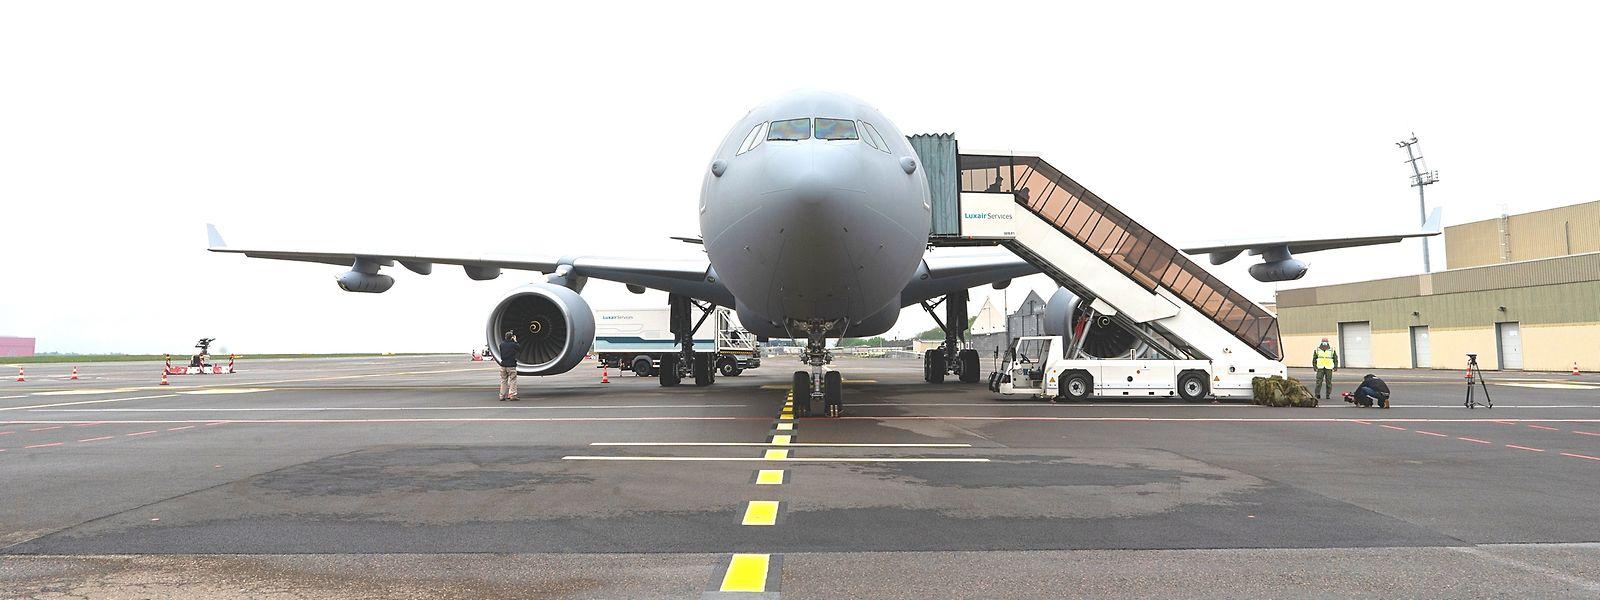 Ravitailleur autant que transporteur, l'Airbus A330 vient d'effectuer sa première mission pour les troupes luxembourgeoises.